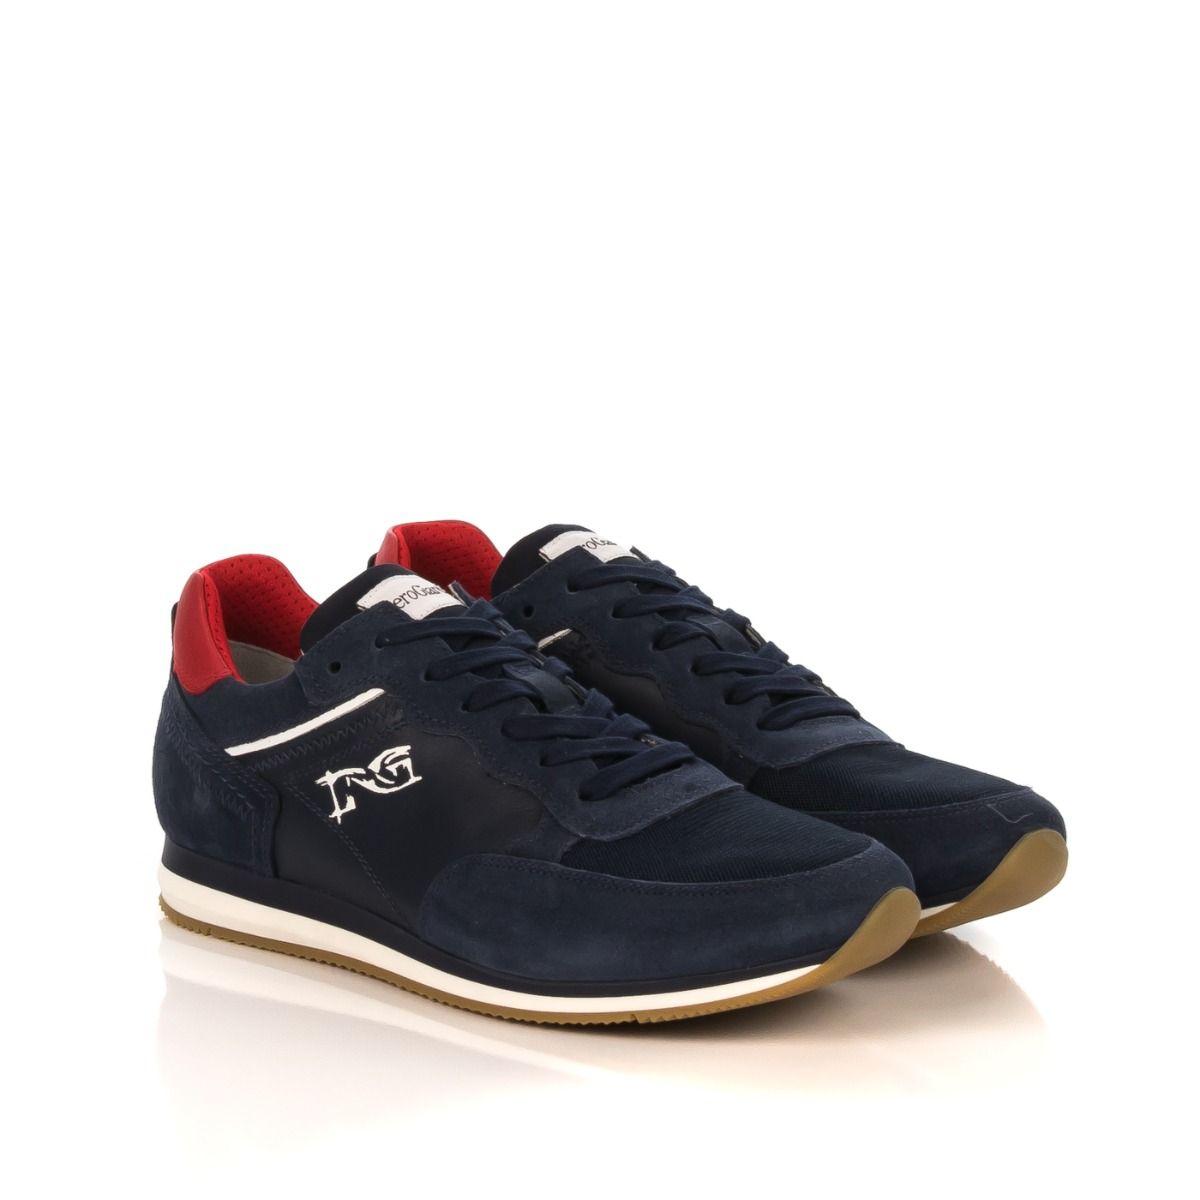 4106025d39ff Sneakers uomo|NERO GIARDINI P900951U-207 blu con tallone rosso|Shop online|Shoe  Center